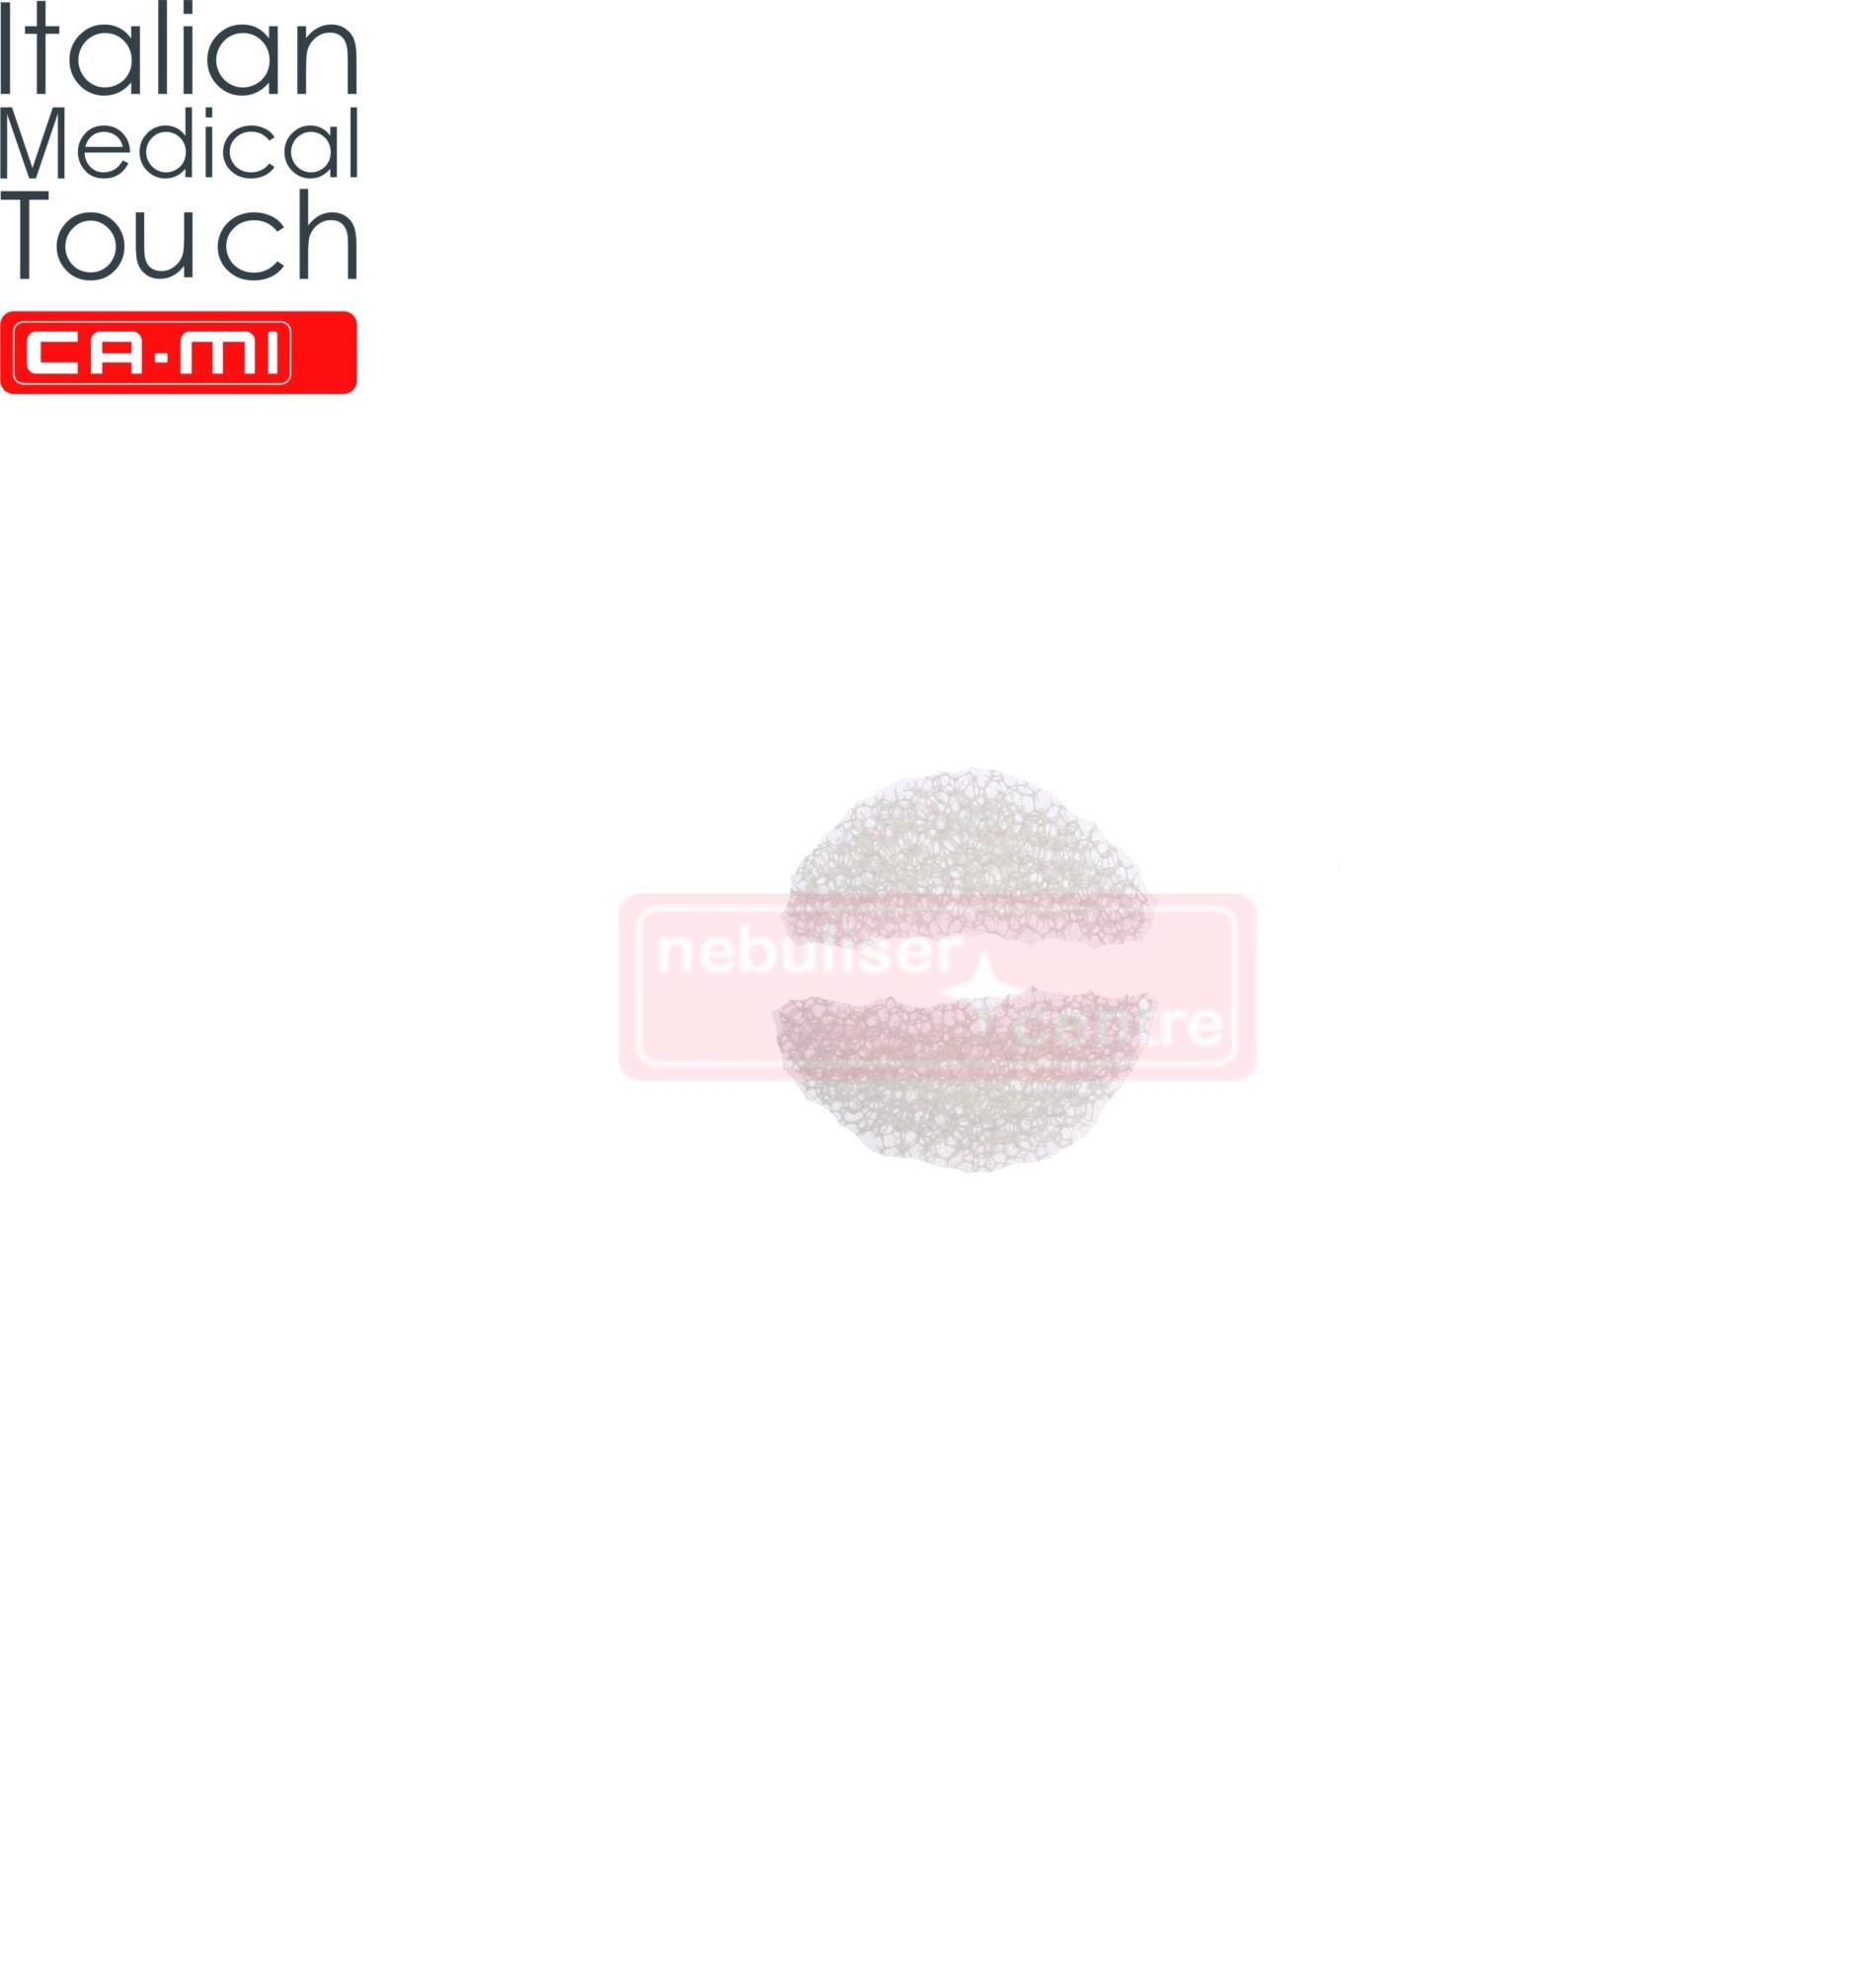 Nebuliser filter for CA-MI Baby nebuliser